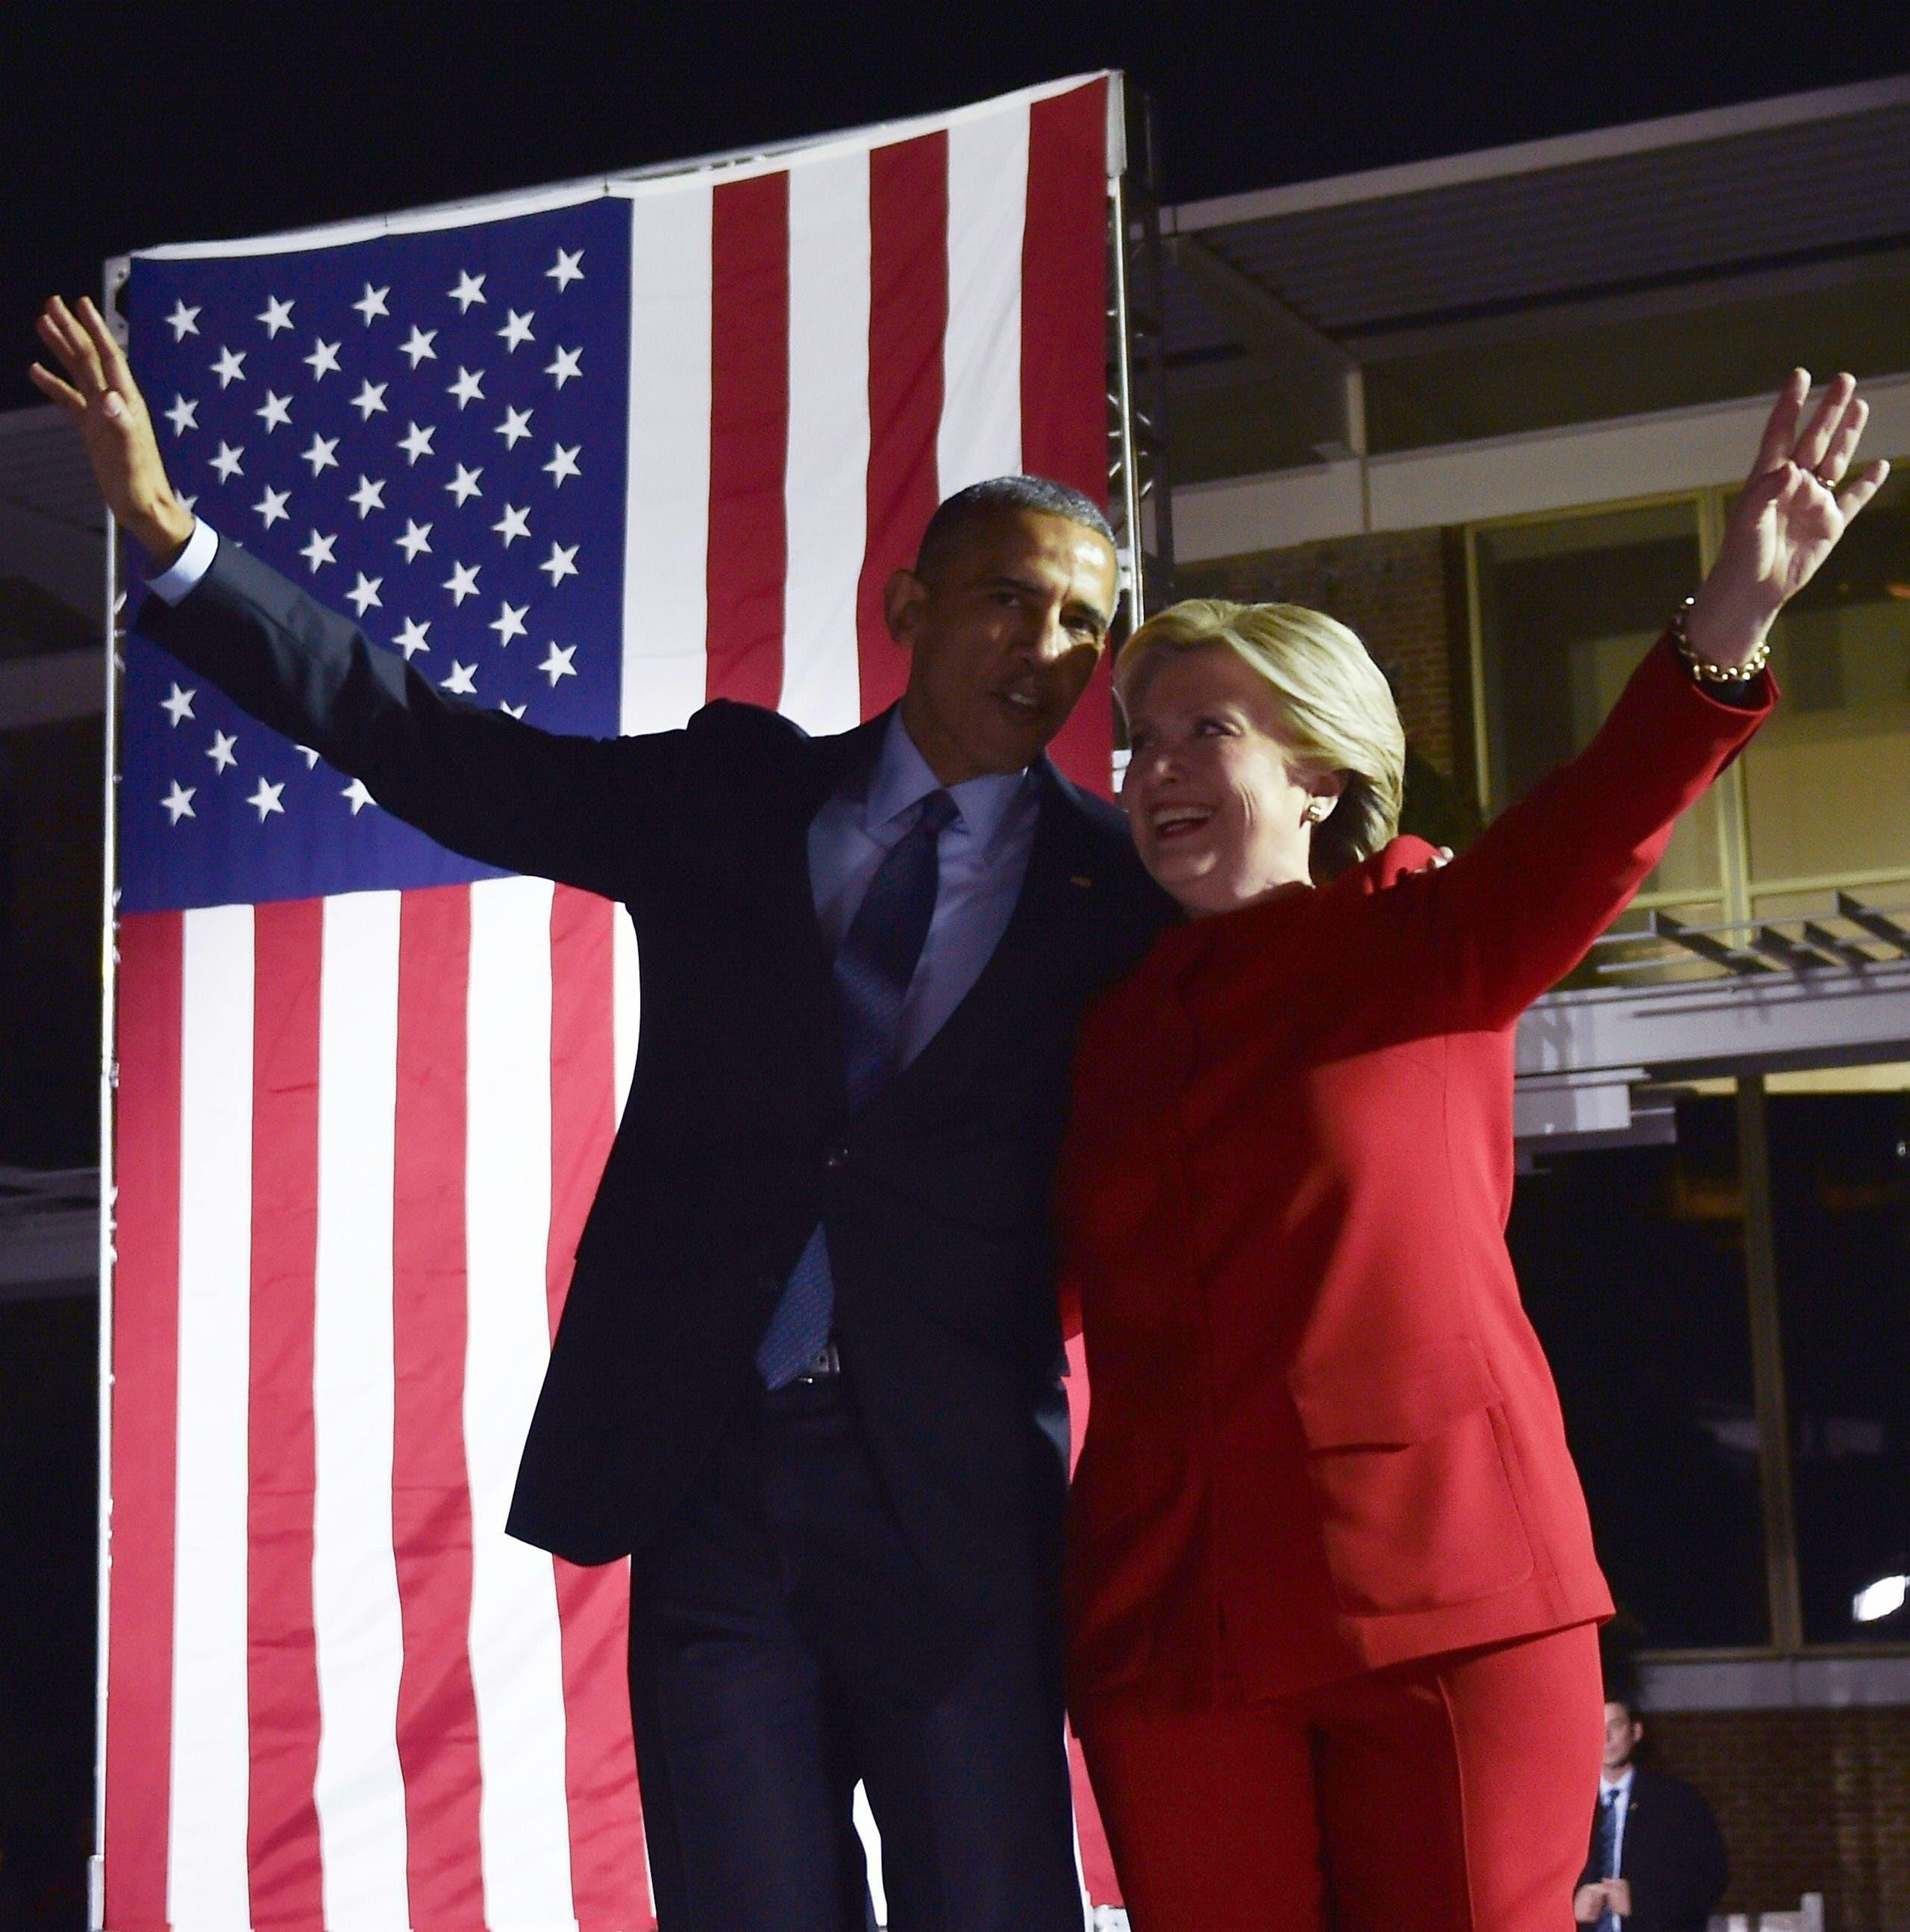 أوباما يشارك في أحد تجمعات كلينتون الانتخابية في 2016